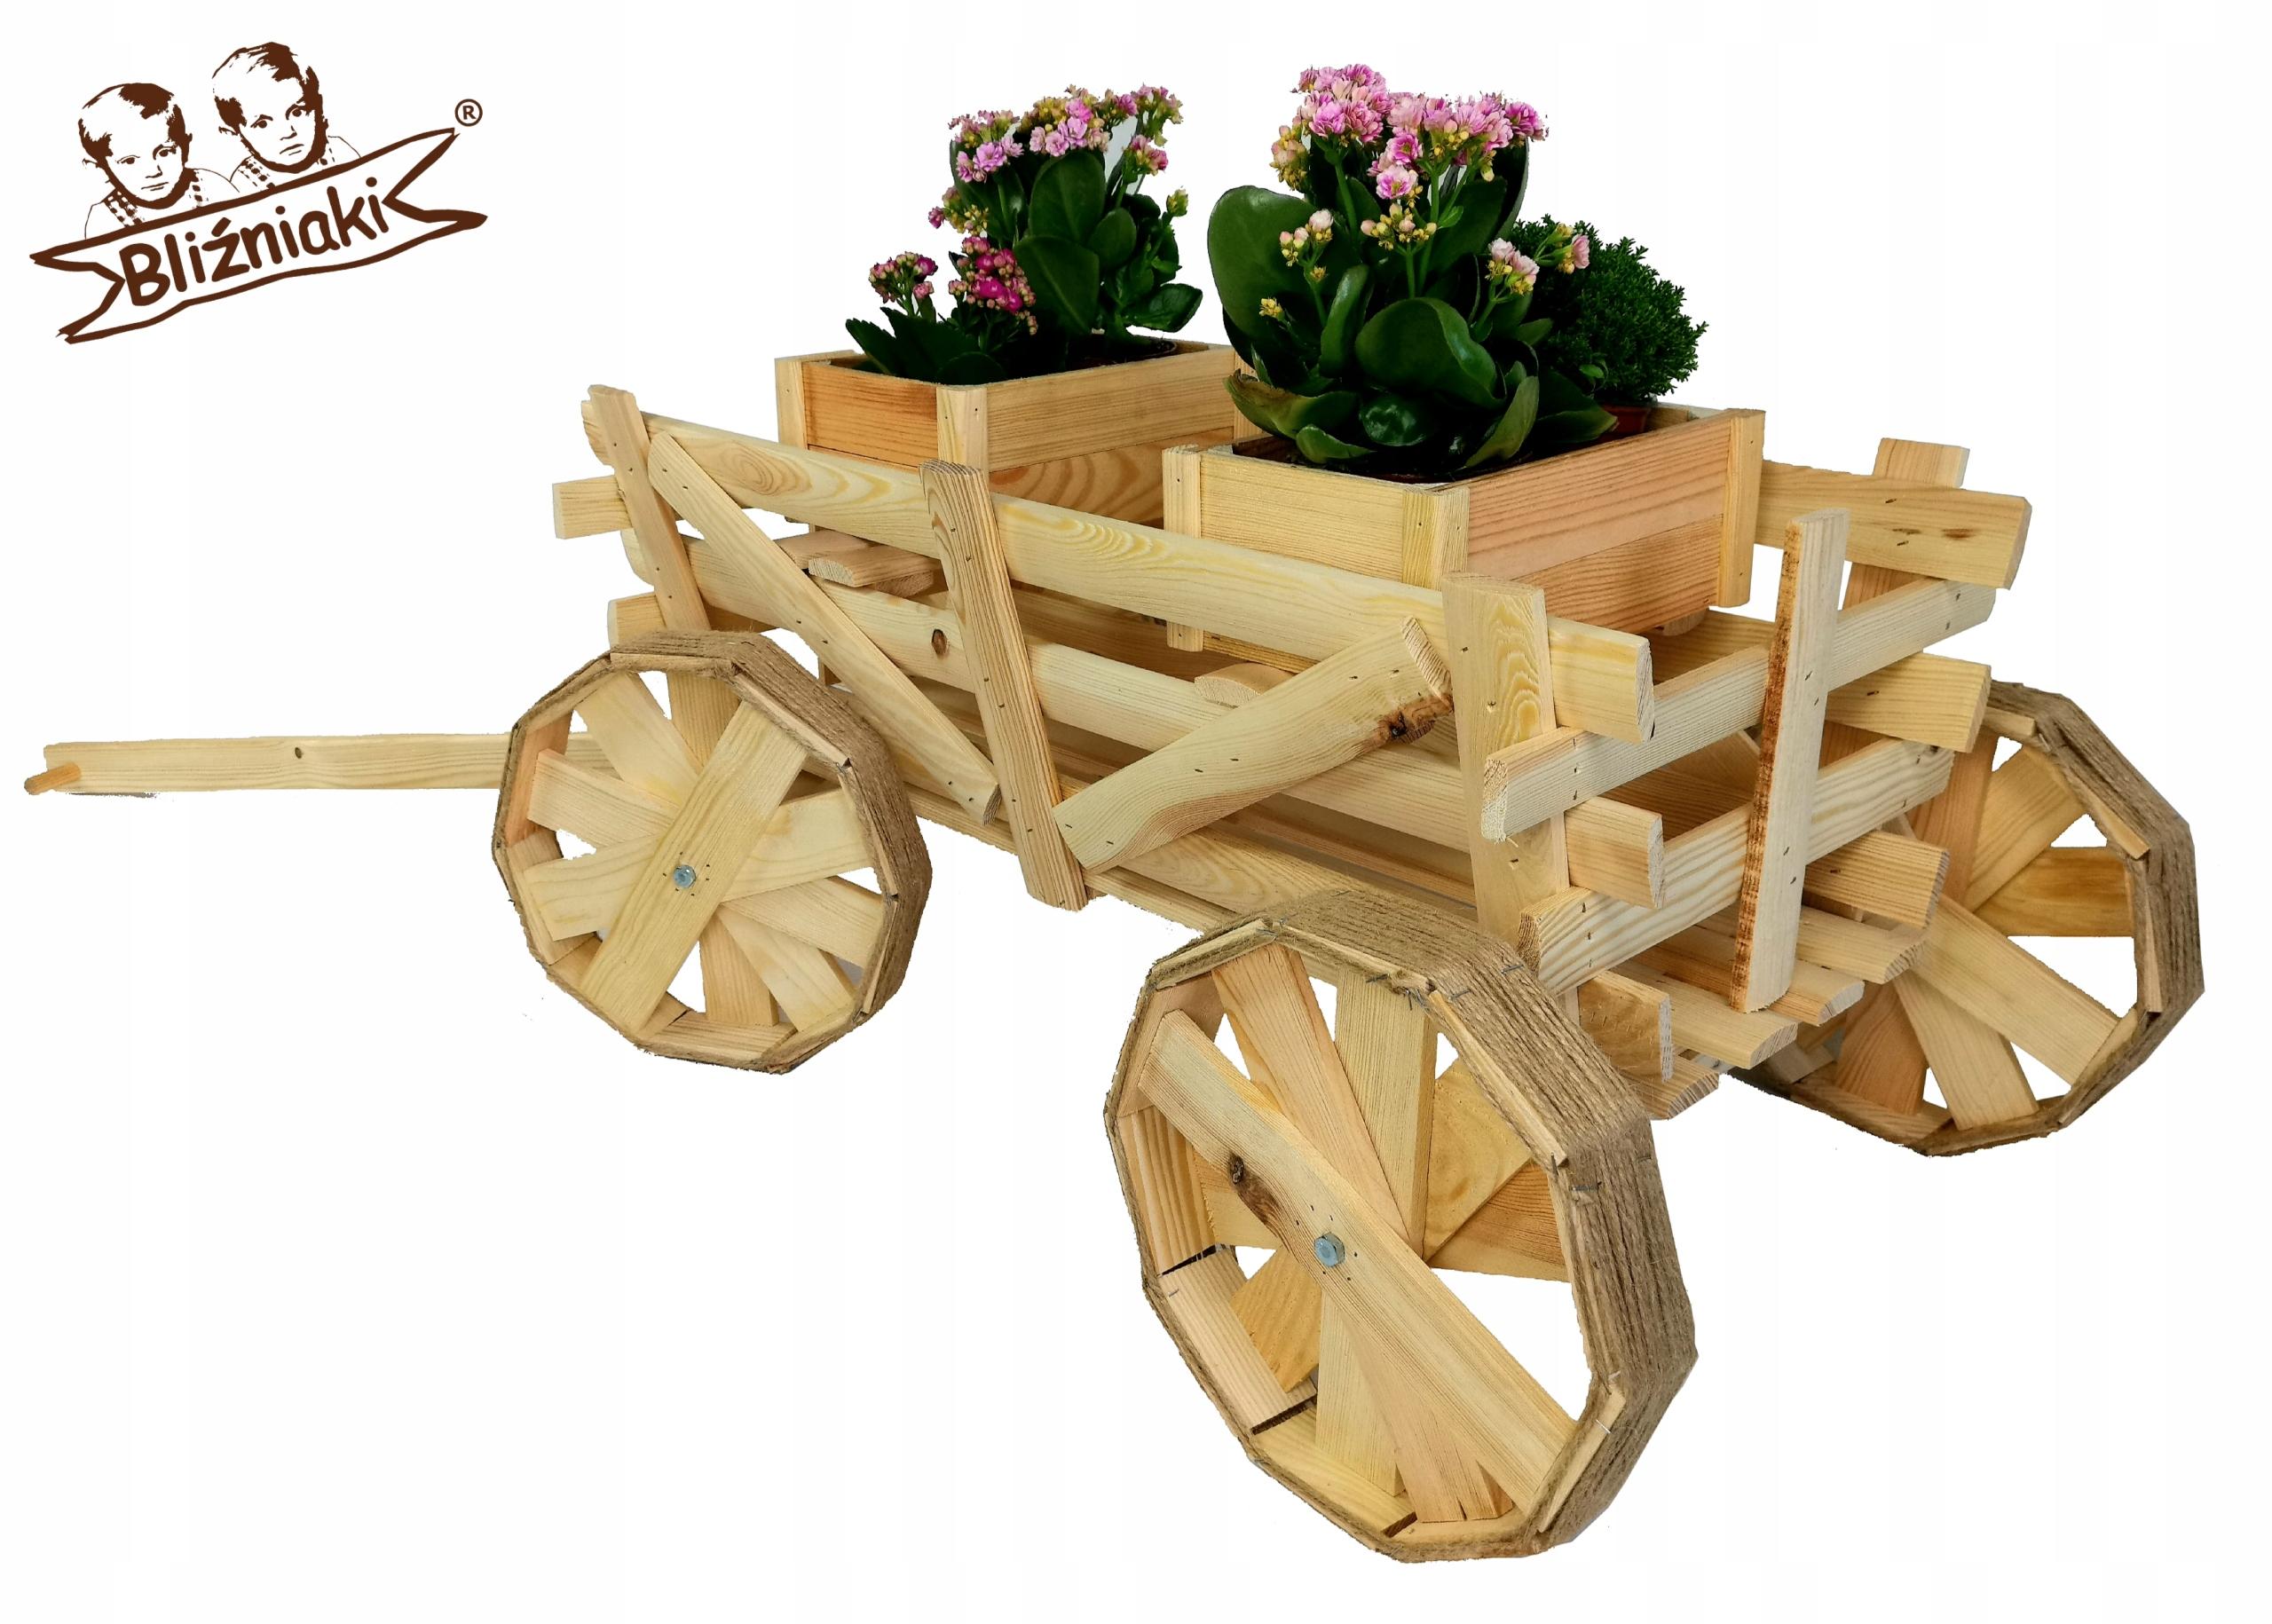 Dekoratívne drevené VOZEŇ DRABINIASTY Flowerbed 167cm